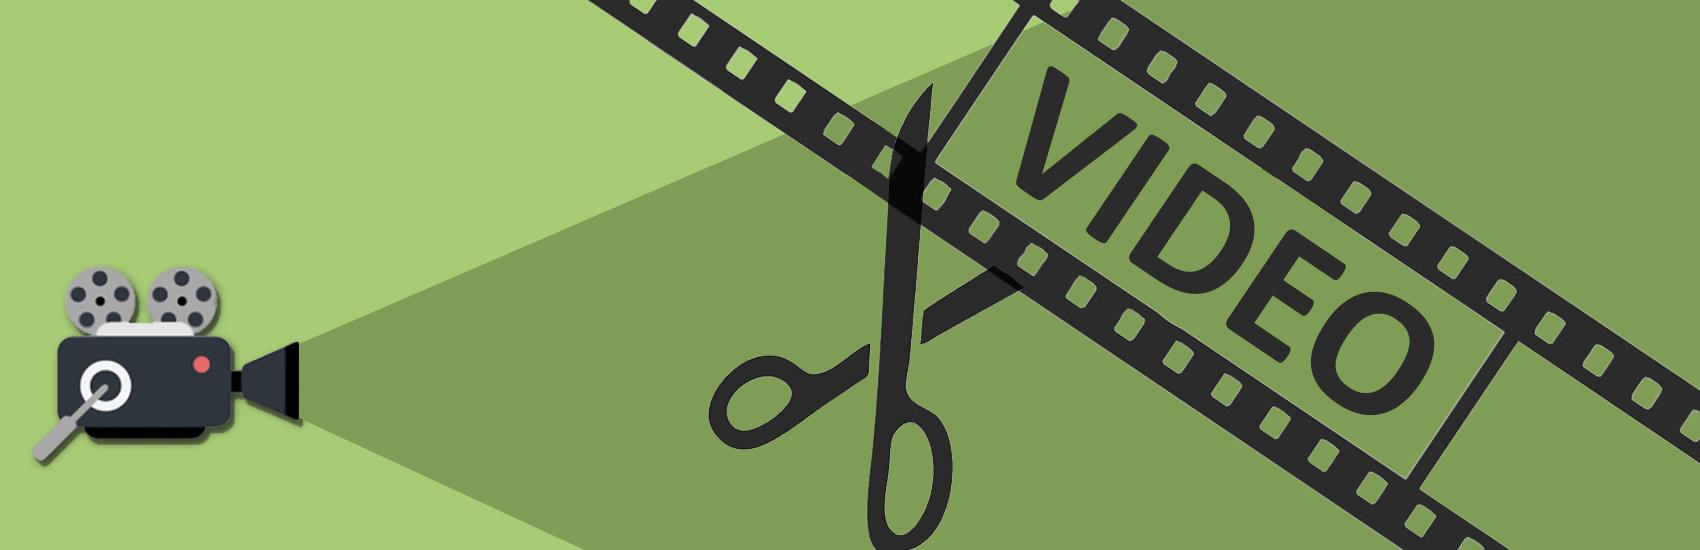 Снять и смонтировать рекламное видео. Кейс Delegator24